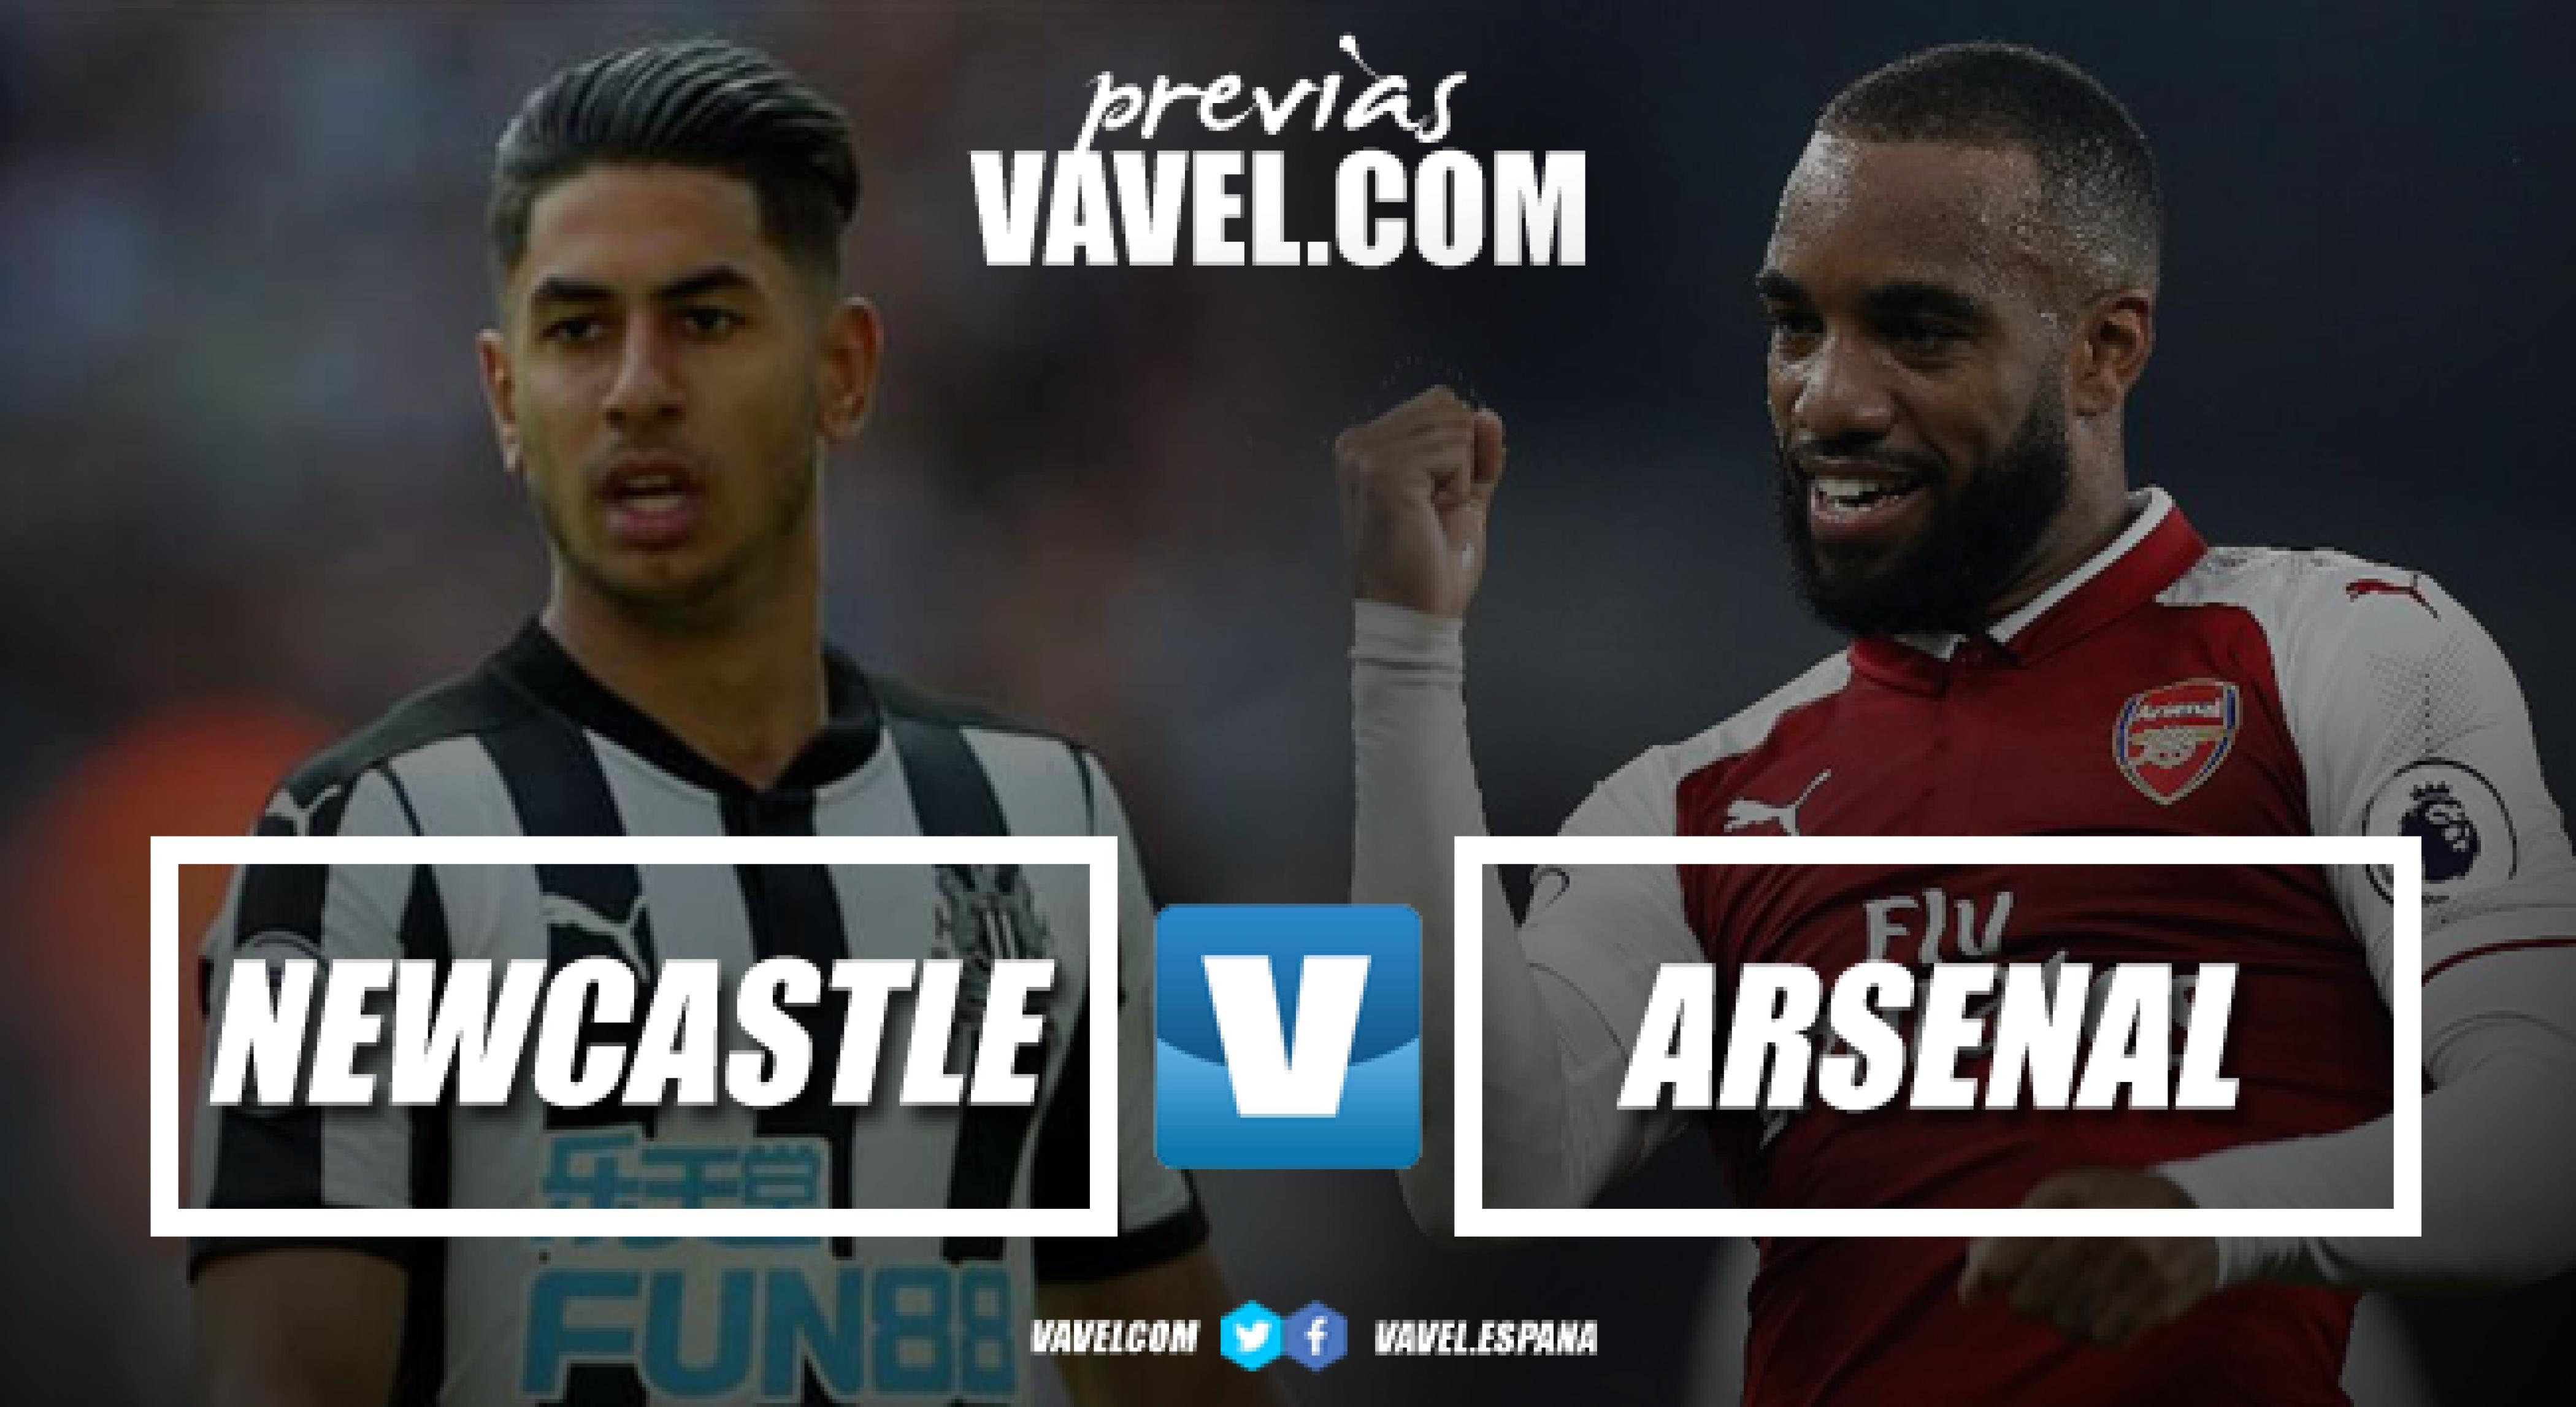 Previa Newcastle - Arsenal: buscando recuperar sensaciones